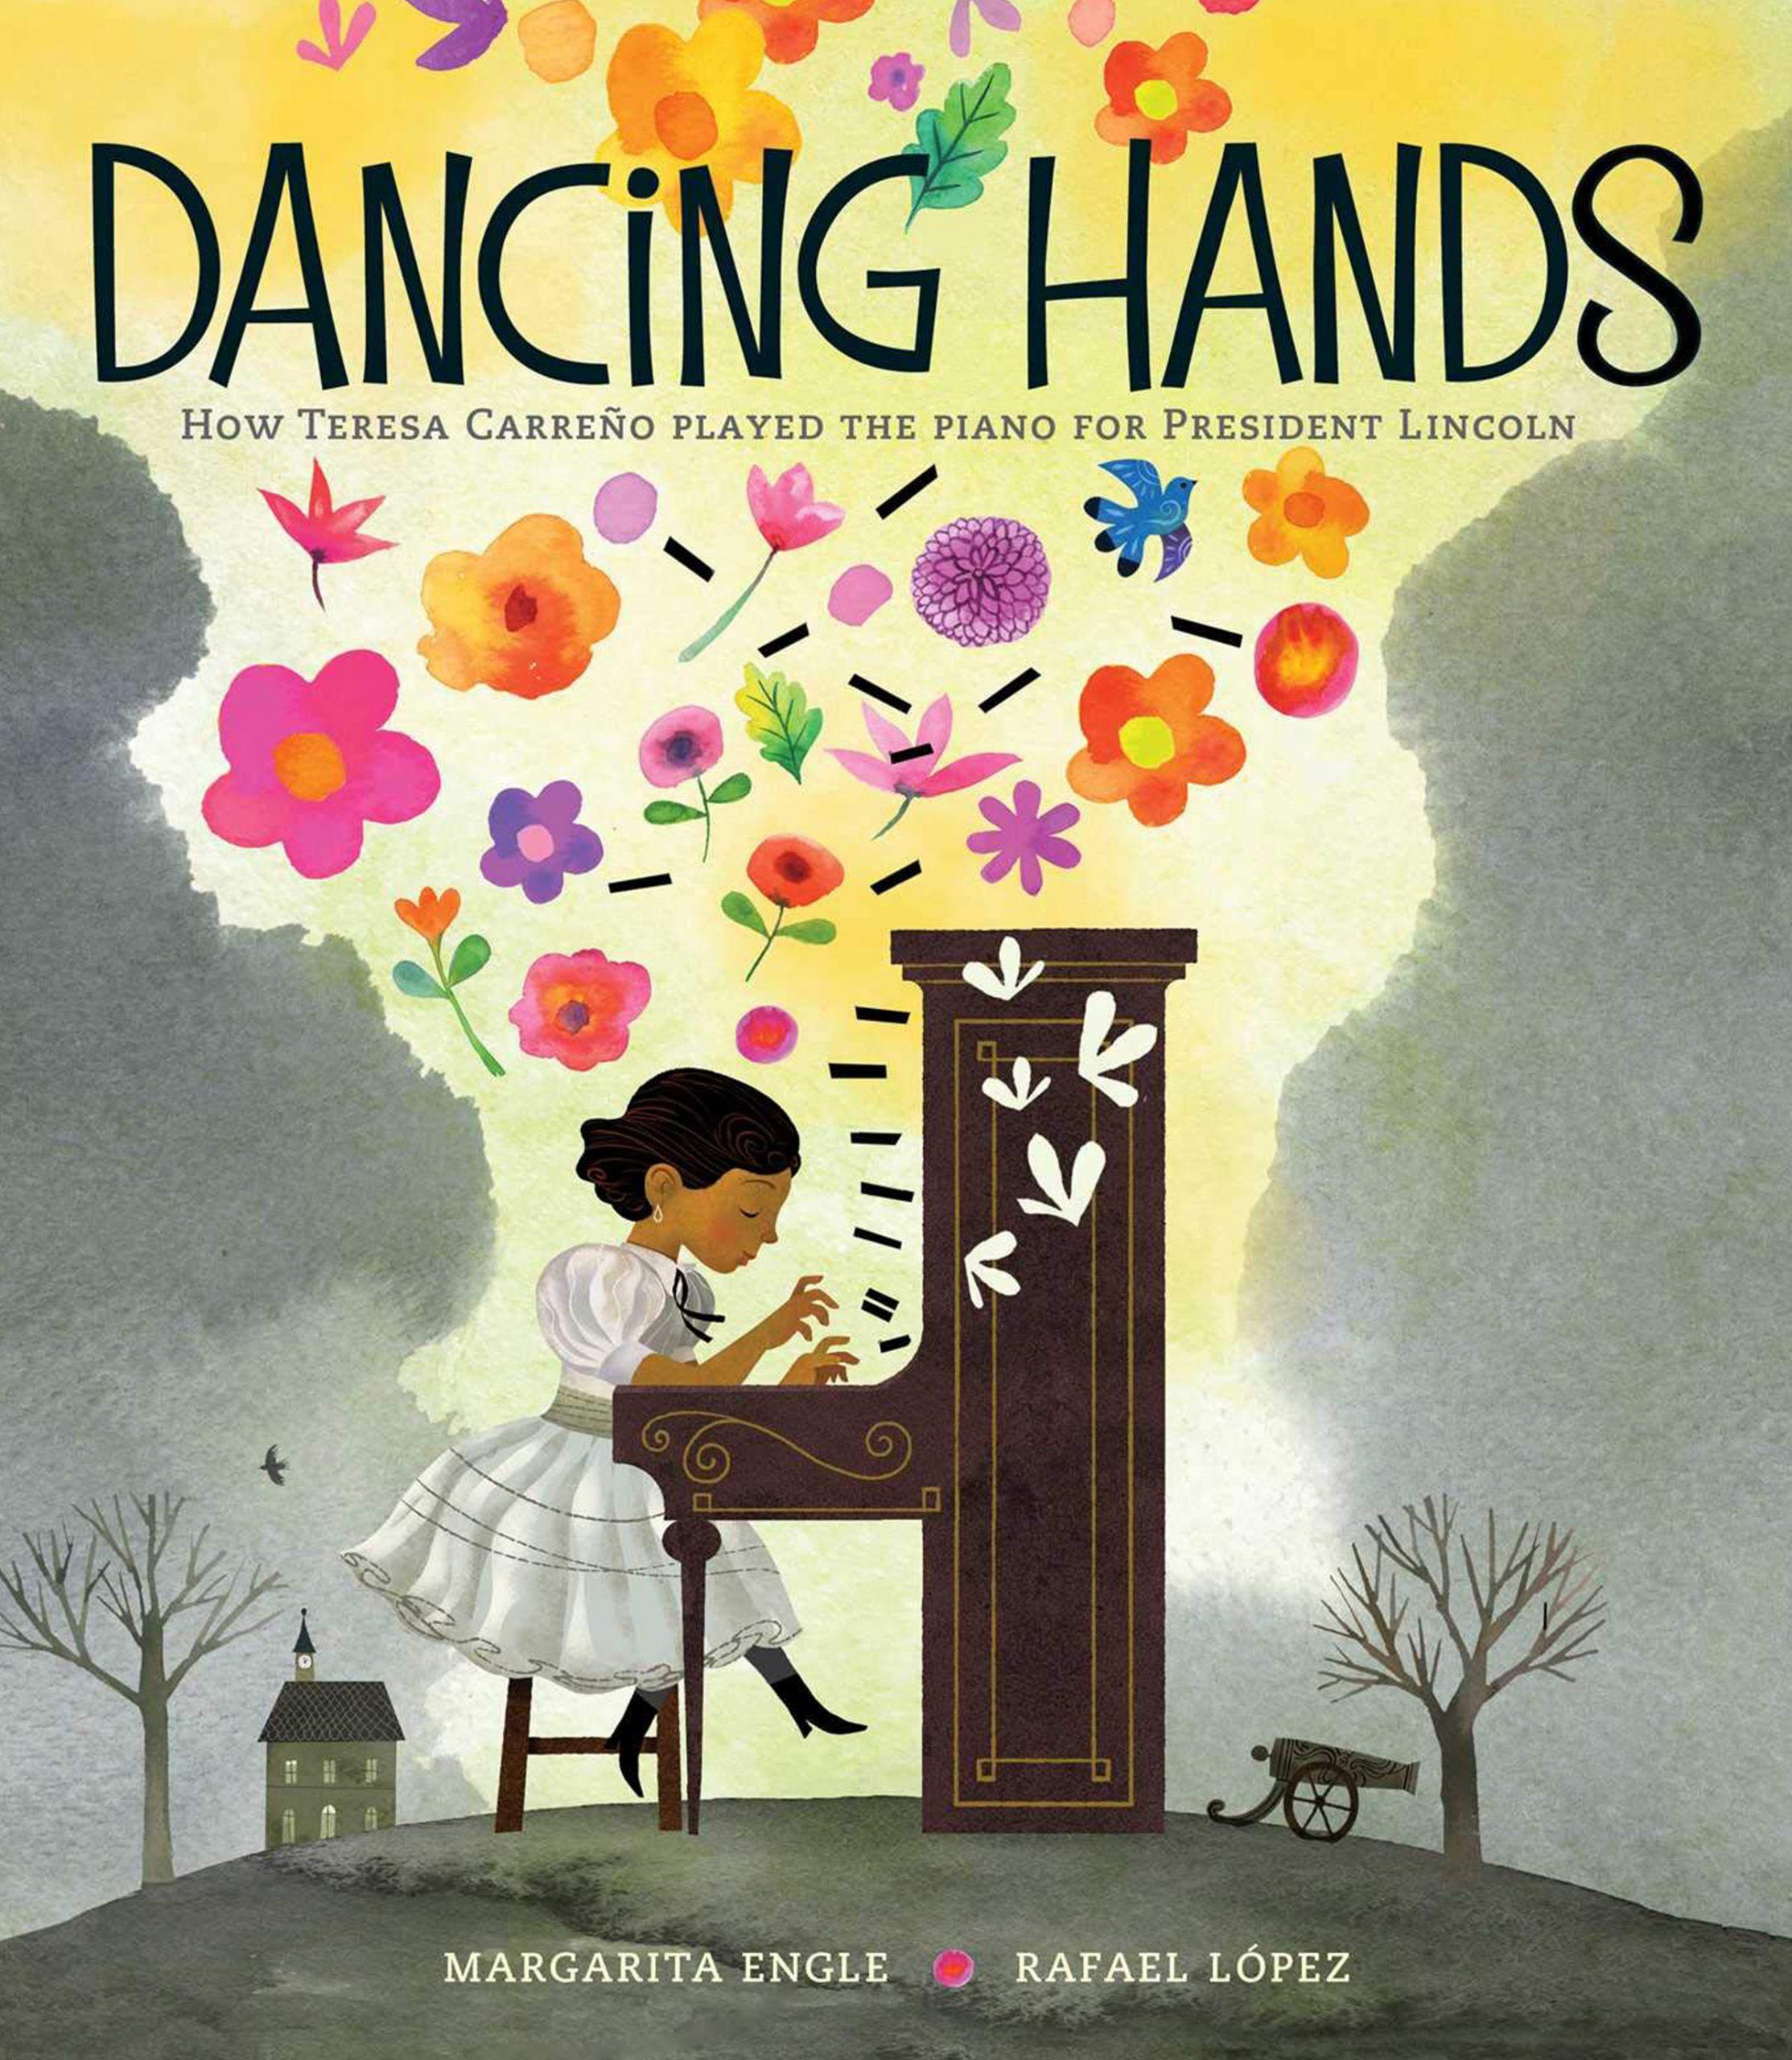 DANCING HANDS MARGARITA ENGLE AND RAFAEL LOPEZ